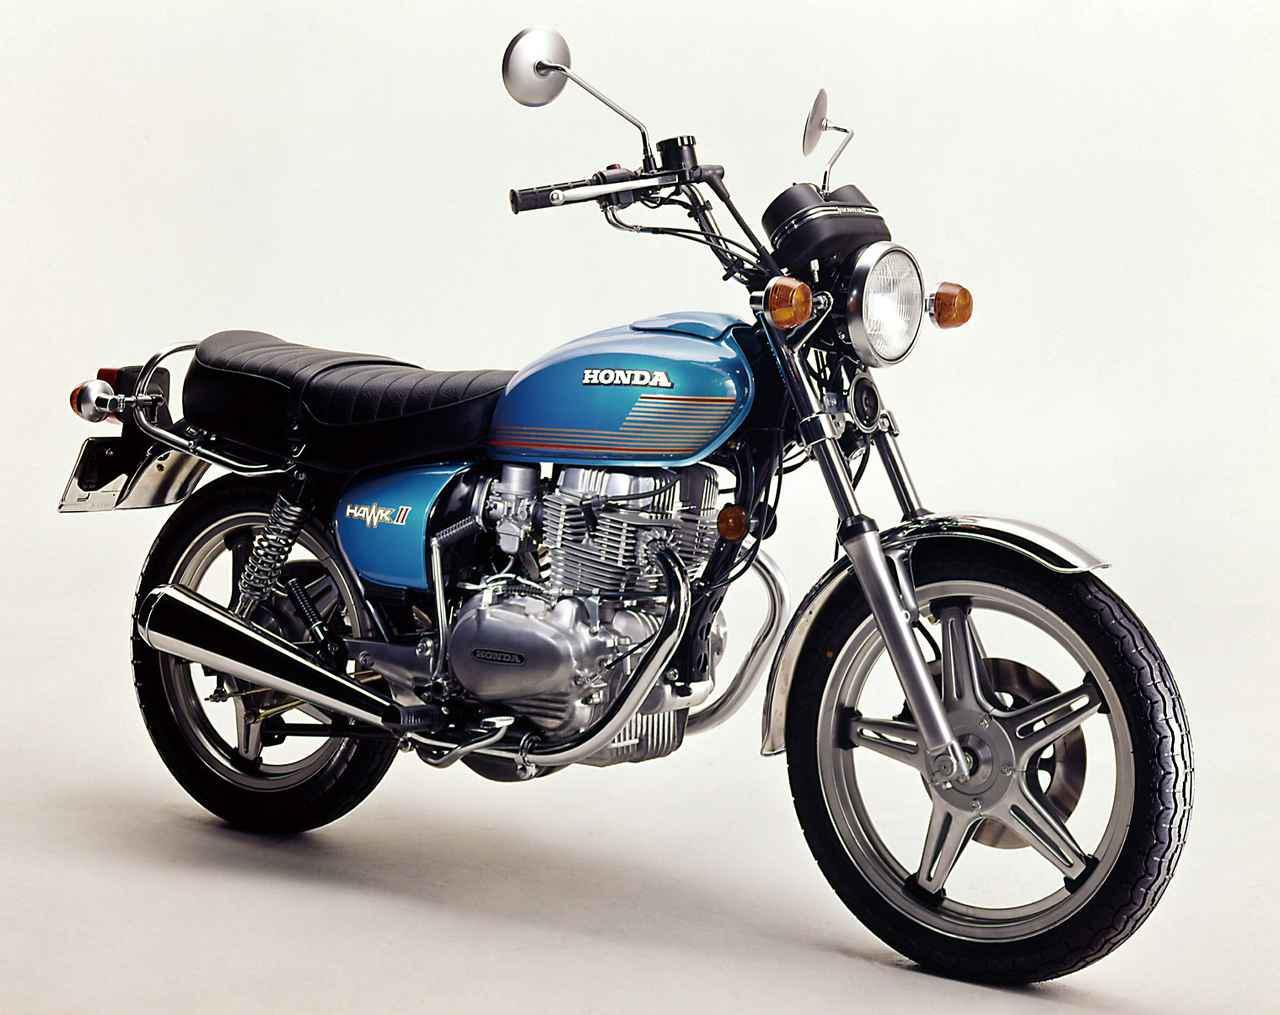 画像: Honda CB400T HWAK II 1977年モデル 総排気量:395cc エンジン形式:空冷4ストOHC並列2気筒 車両重量:181kg 当時価格:31万9000円